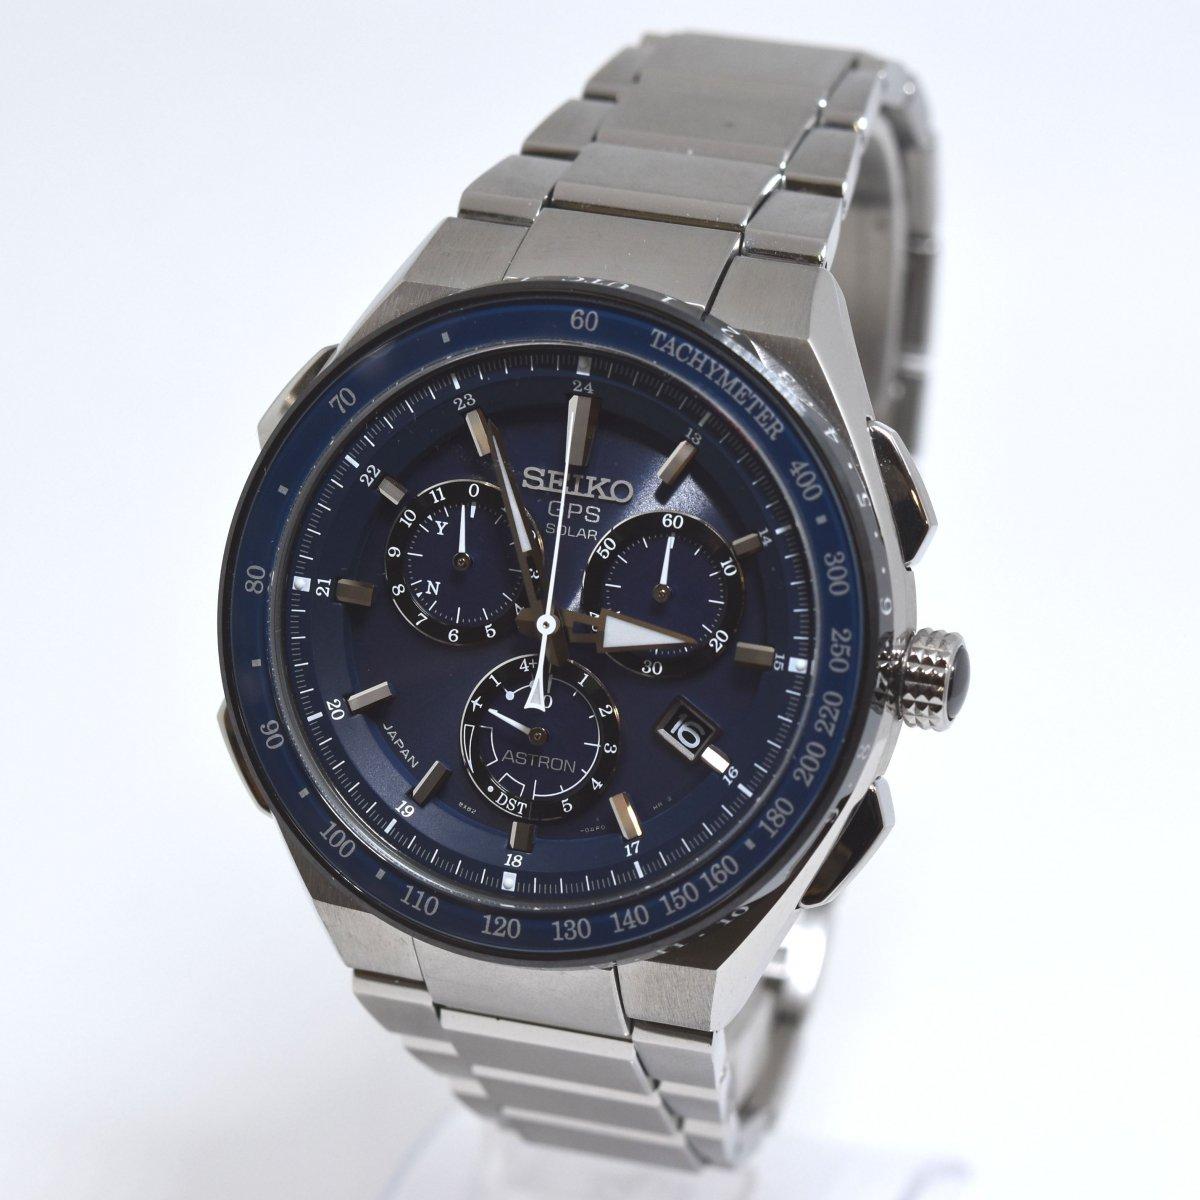 セイコー/アストロン/エグゼクティブライン/8X82-0AR0-1/SBXB127/GPSソーラー/クロノグラフ/腕時計/国産/定価:約25万/男性用/メンズ↑